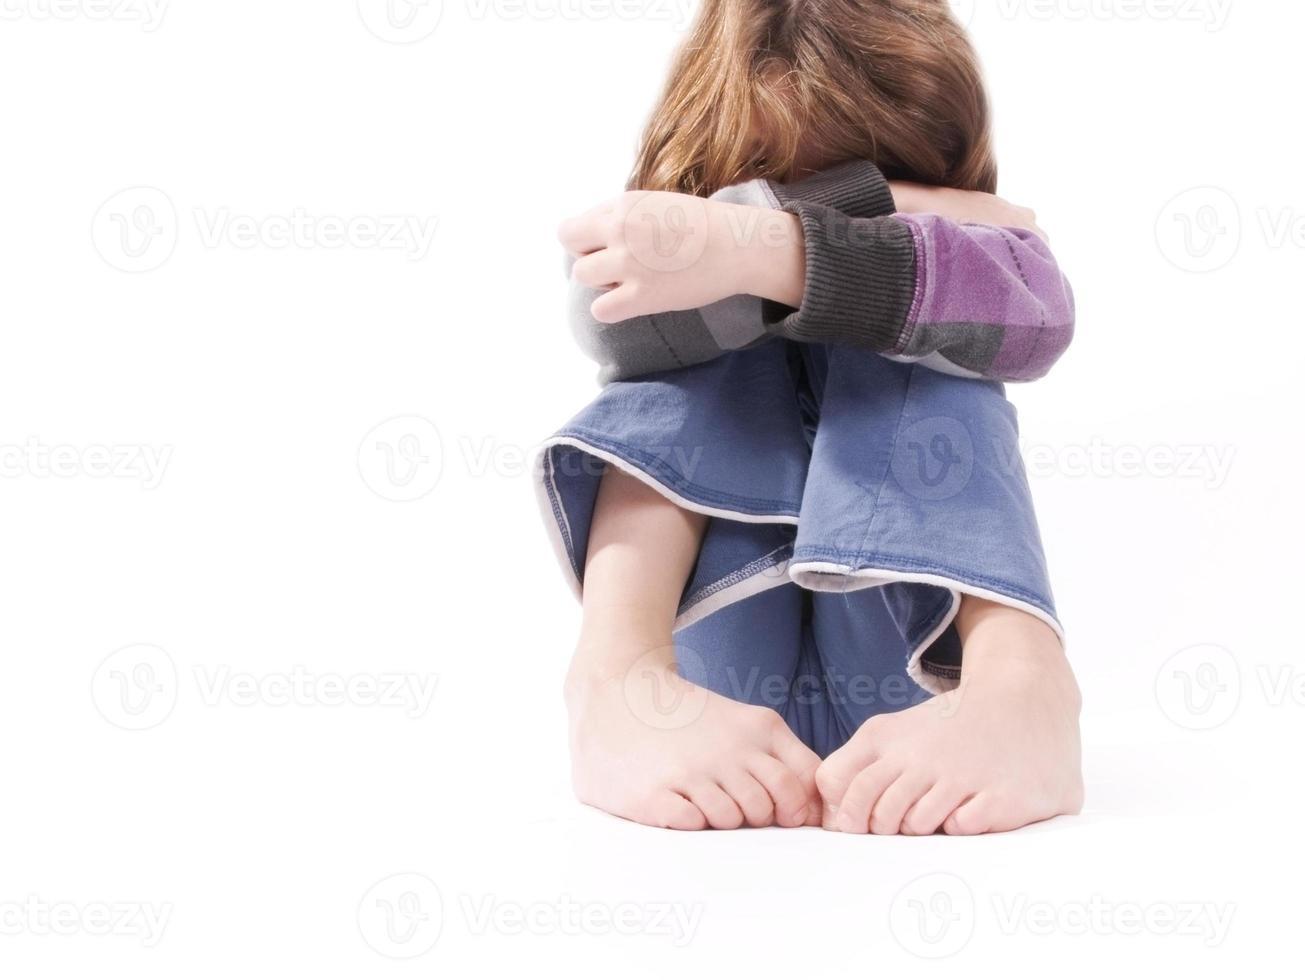 enfant triste, pieds en position émotionnelle photo